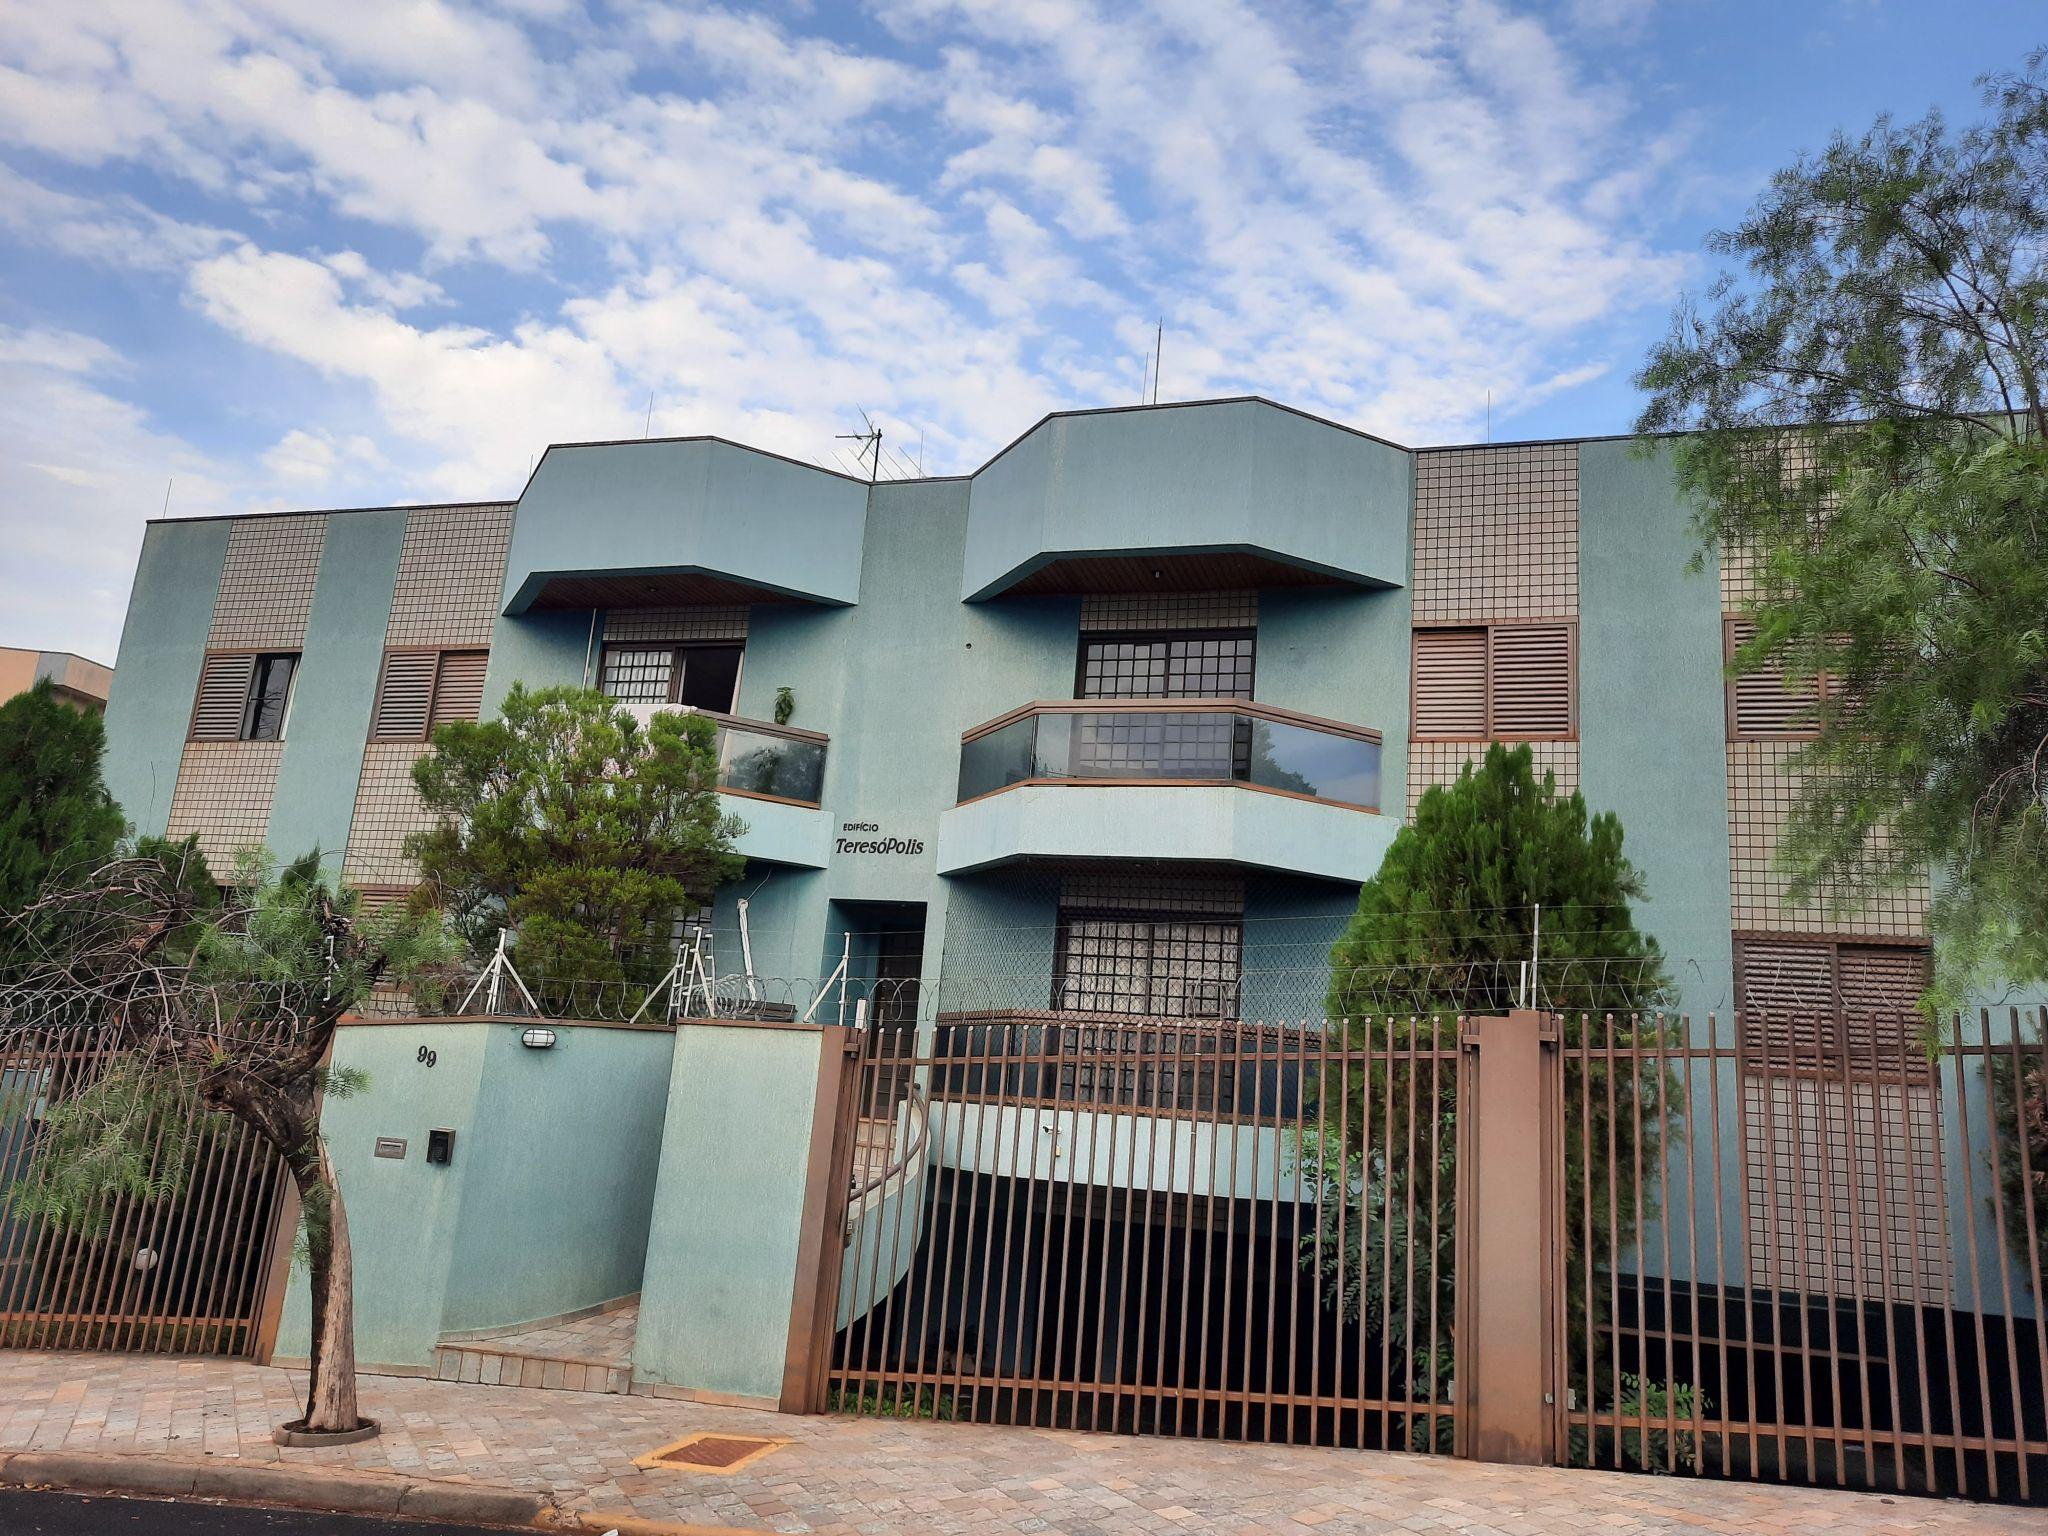 724 - Apartamento Residencial Flórida Térreo 3 dormitórios